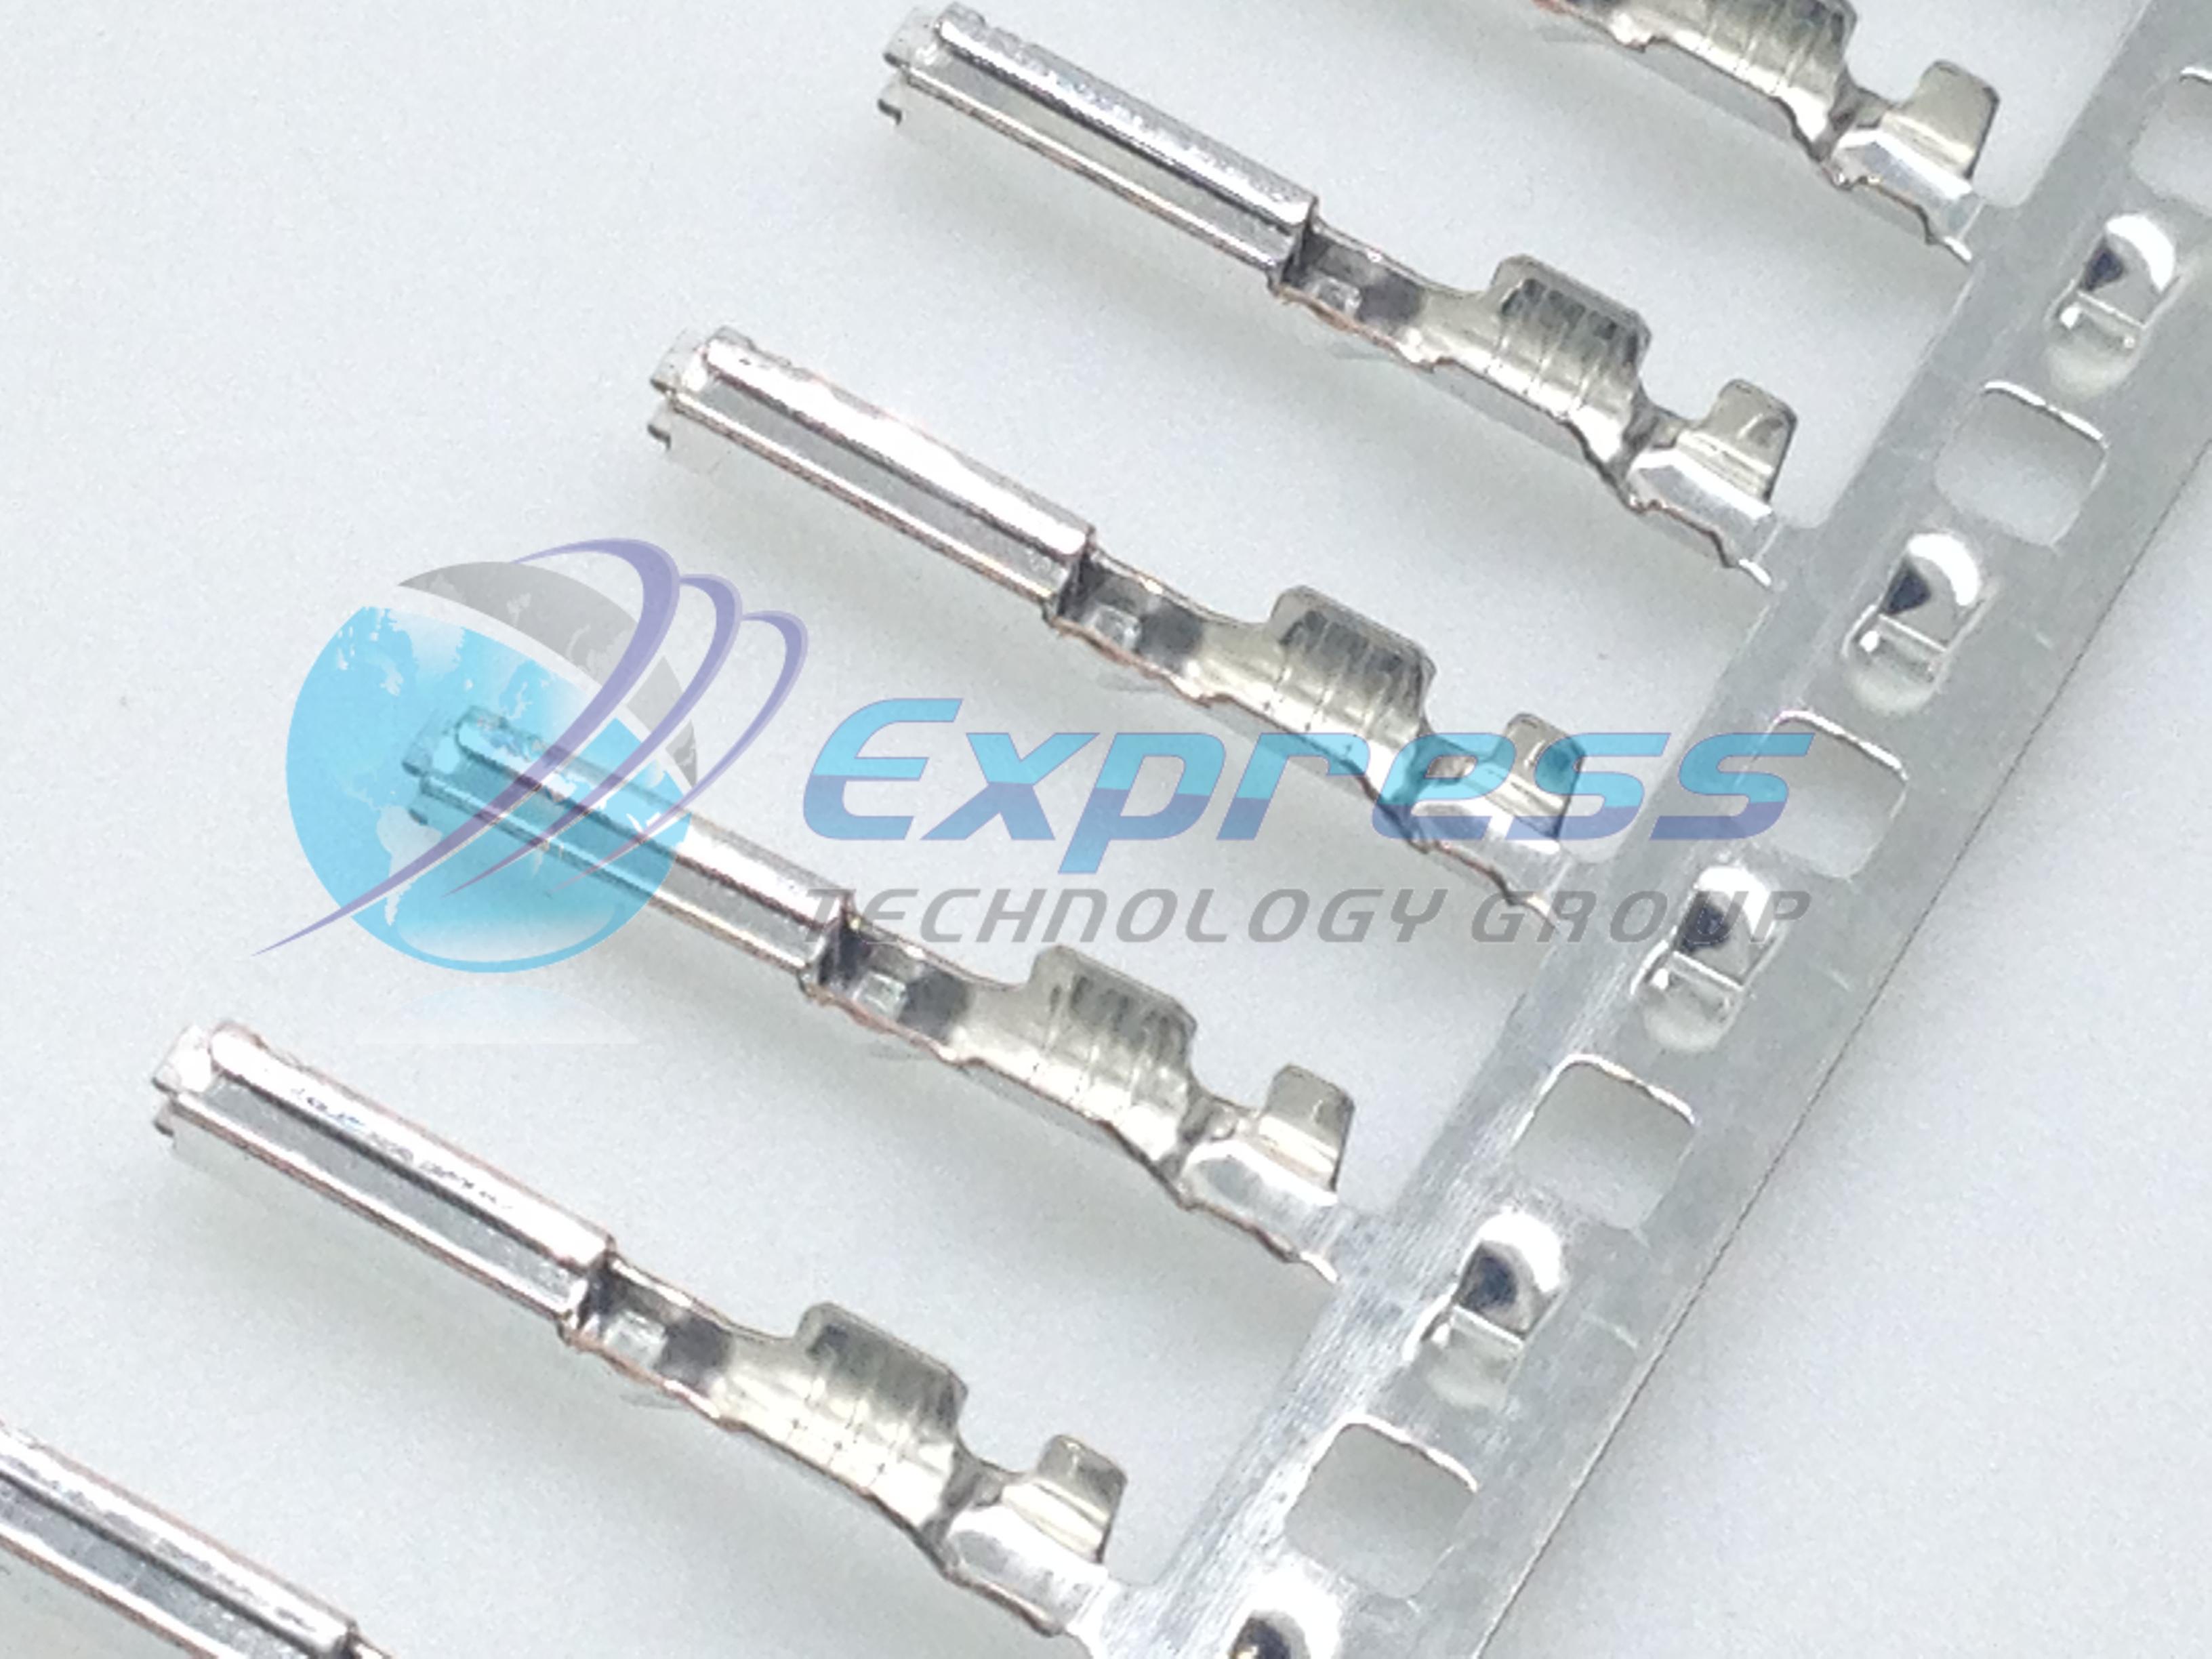 IEL1-1-61F-10.0-01-V